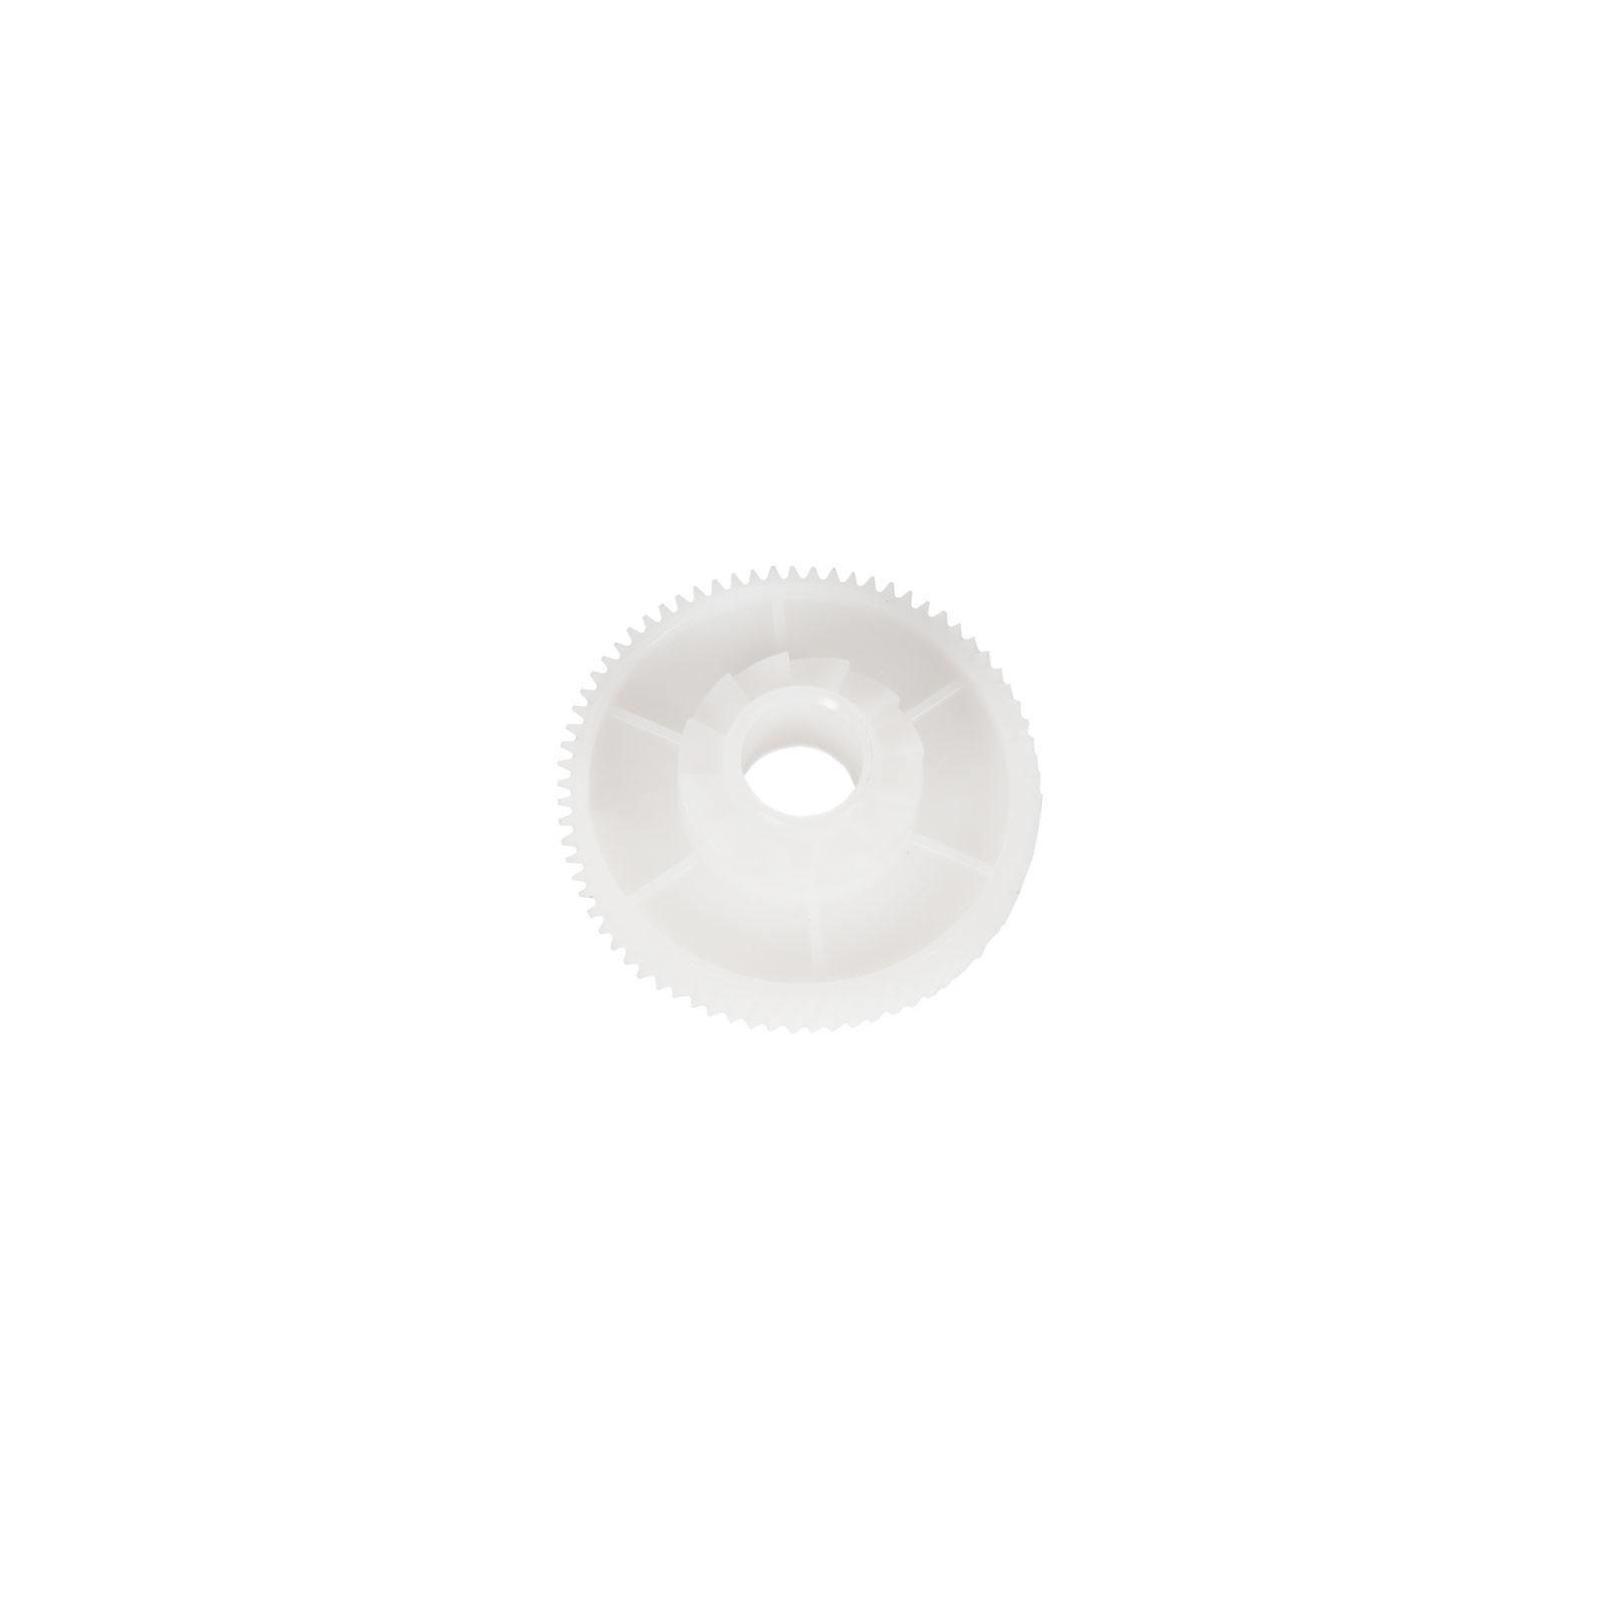 Шестерня резинового вала HP LJ 1010/1012/1015 аналог RU5-0178 73T Foshan (RU5-0178-Foshan)